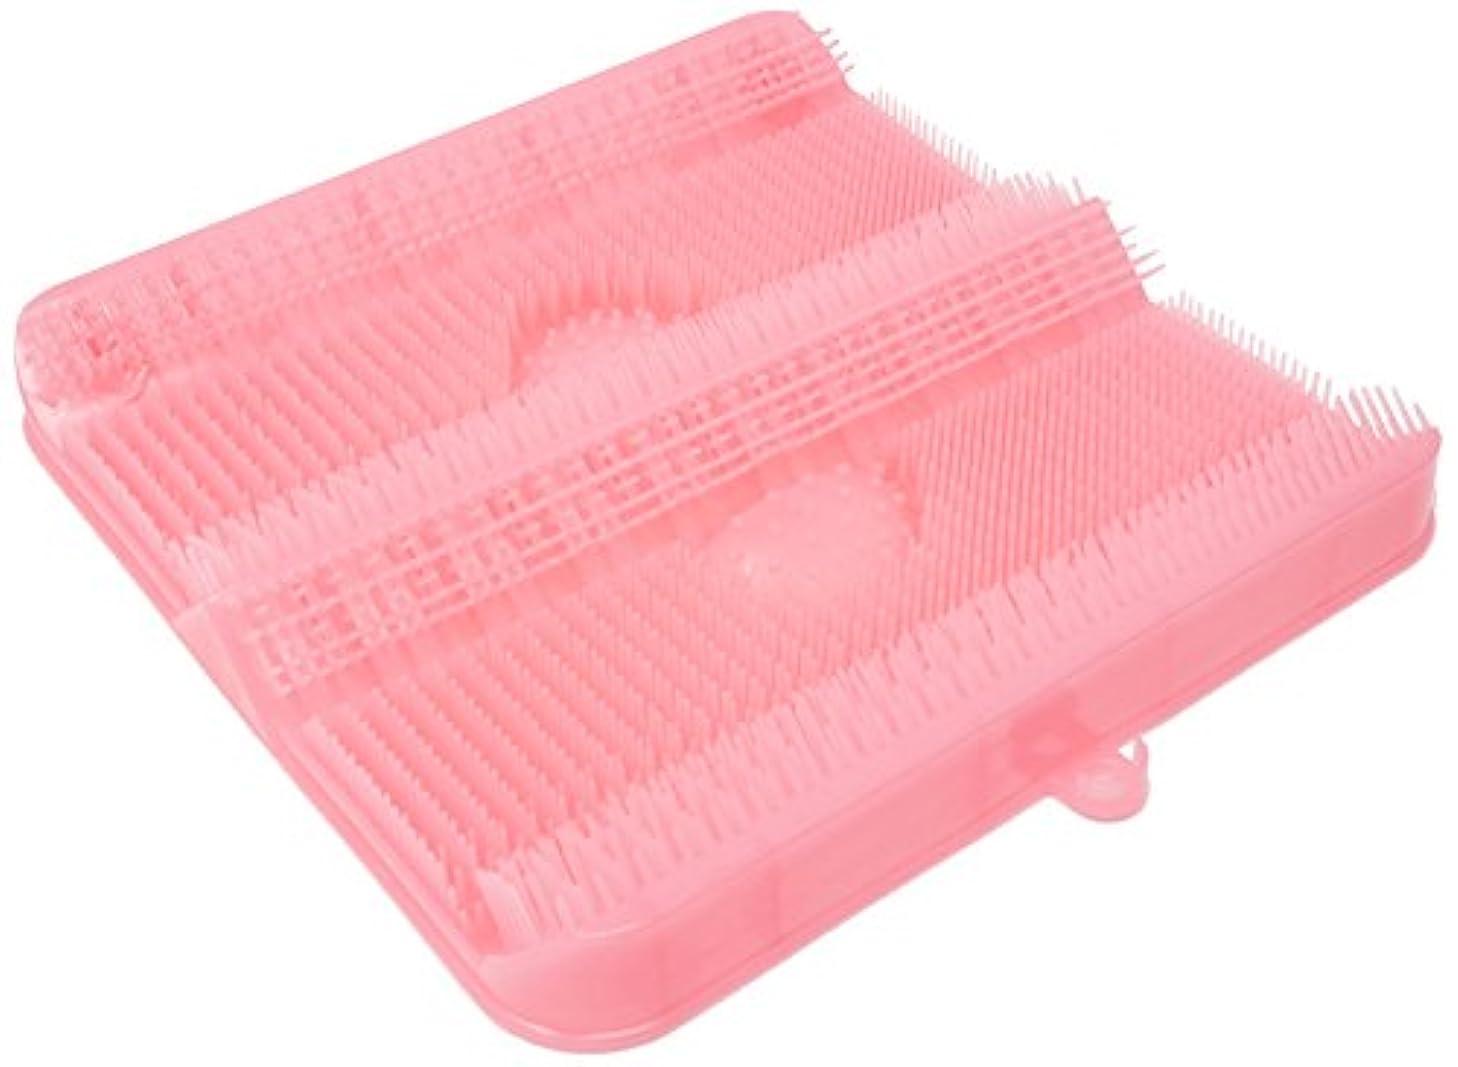 偏心分数ブランクごしごし洗える!足洗いマット お風呂でスッキリ 足裏洗ったことありますか? HB-2814?ピンク